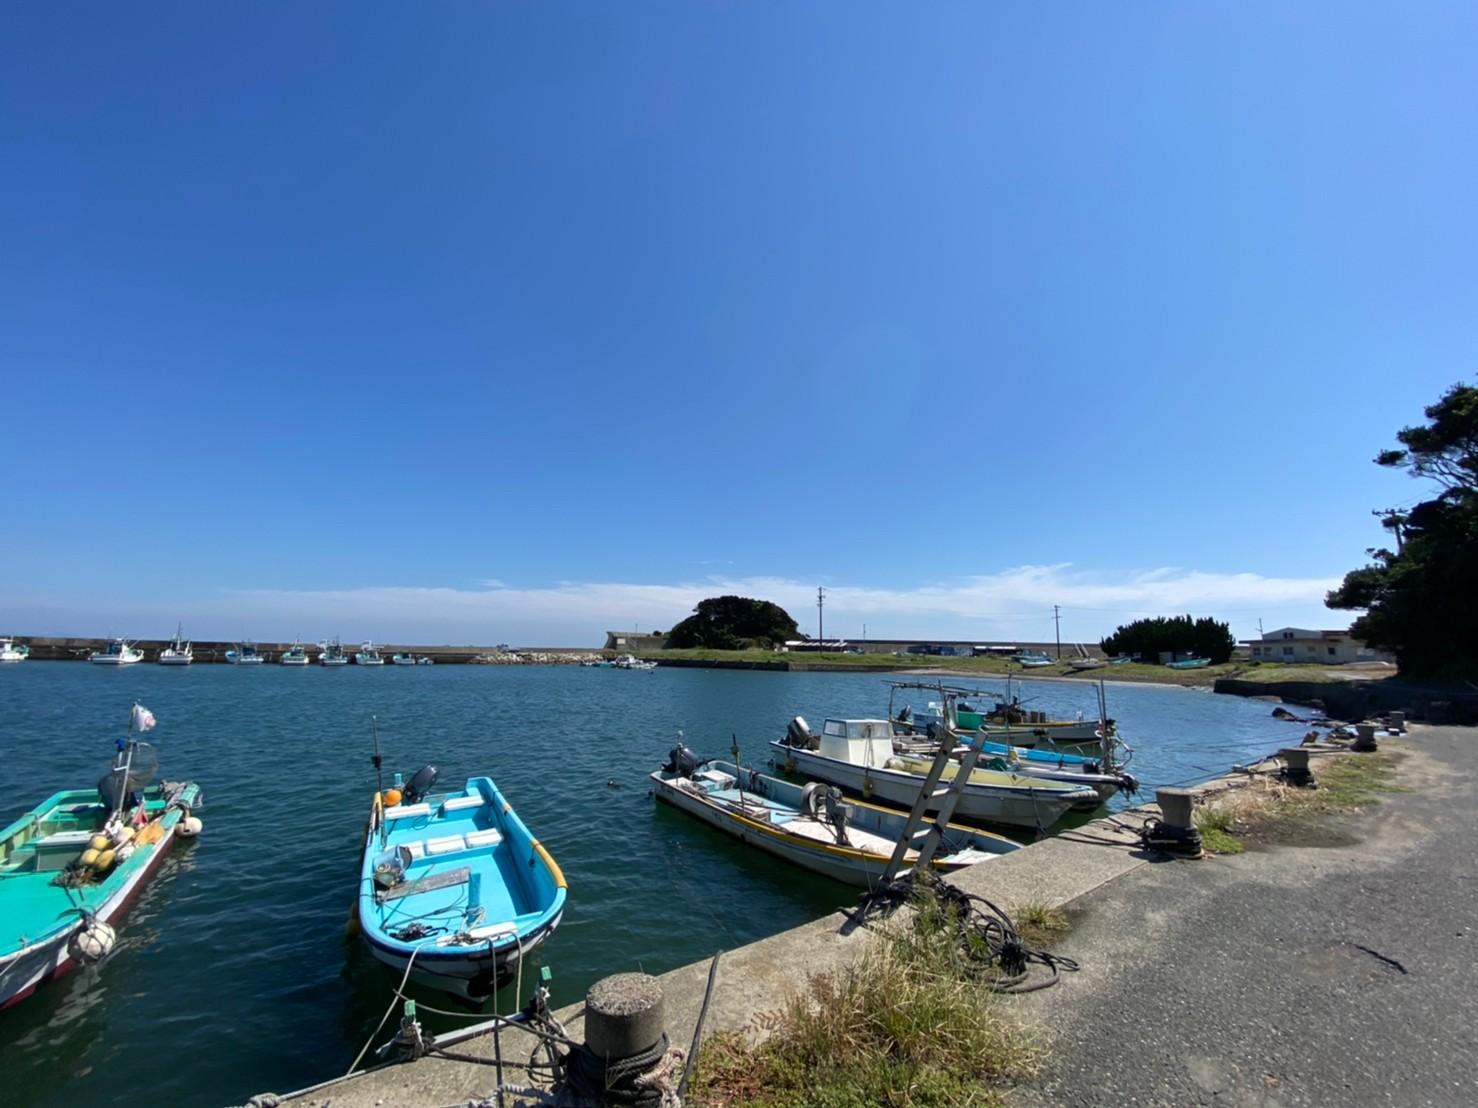 【三重県志摩市】『甲賀漁港』の海釣りガイド(釣れる魚・駐車場・トイレ)